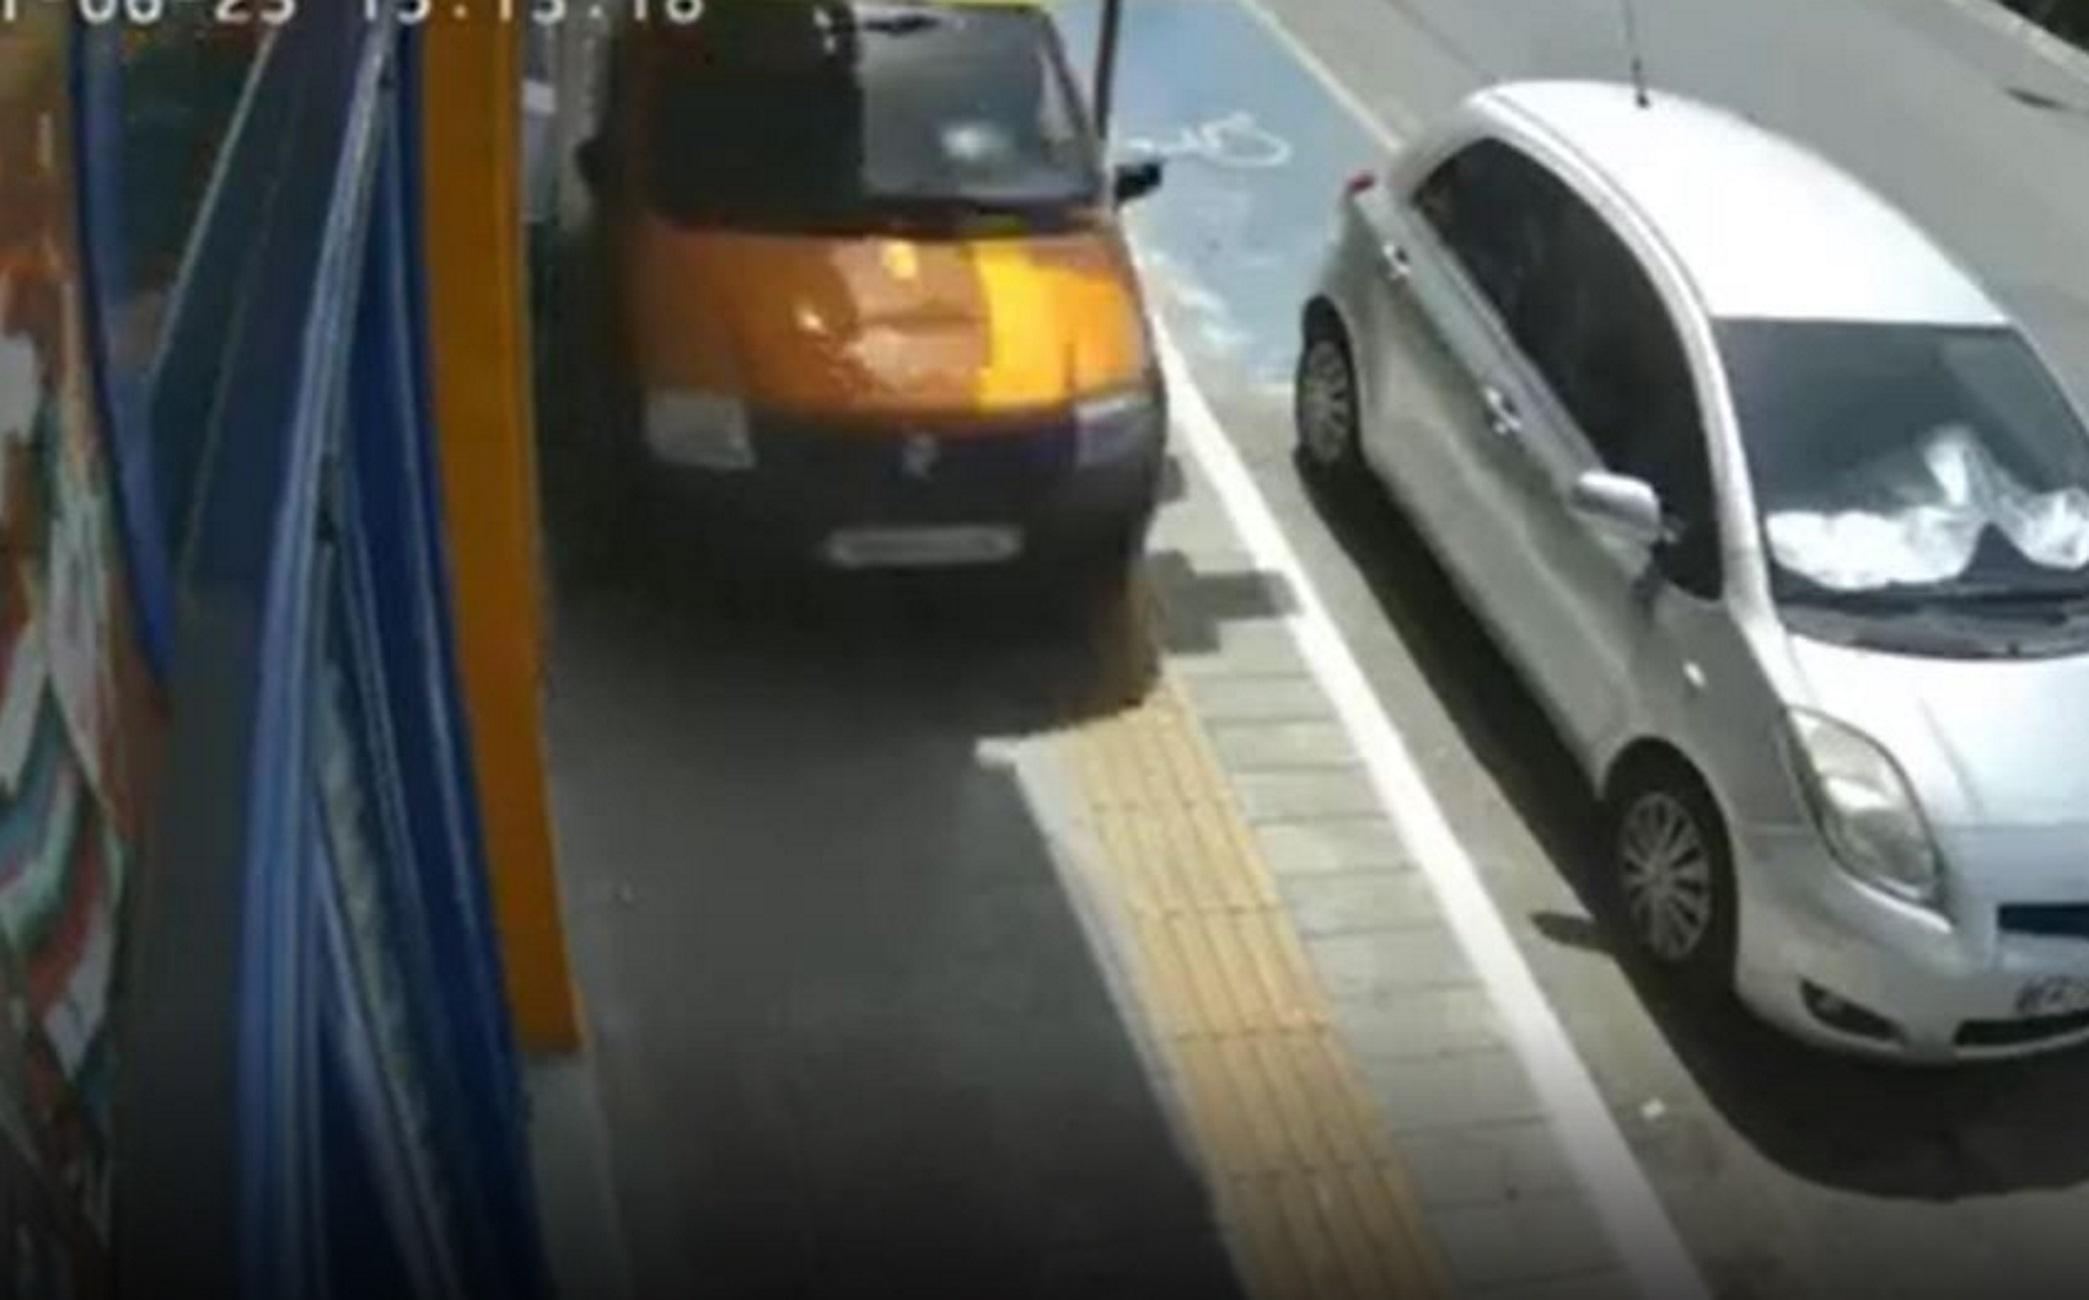 Χανιά: Αυτοκίνητο κινείται πάνω σε πεζοδρόμιο – Το βίντεο ντοκουμέντο και το αναπόφευκτο τροχαίο